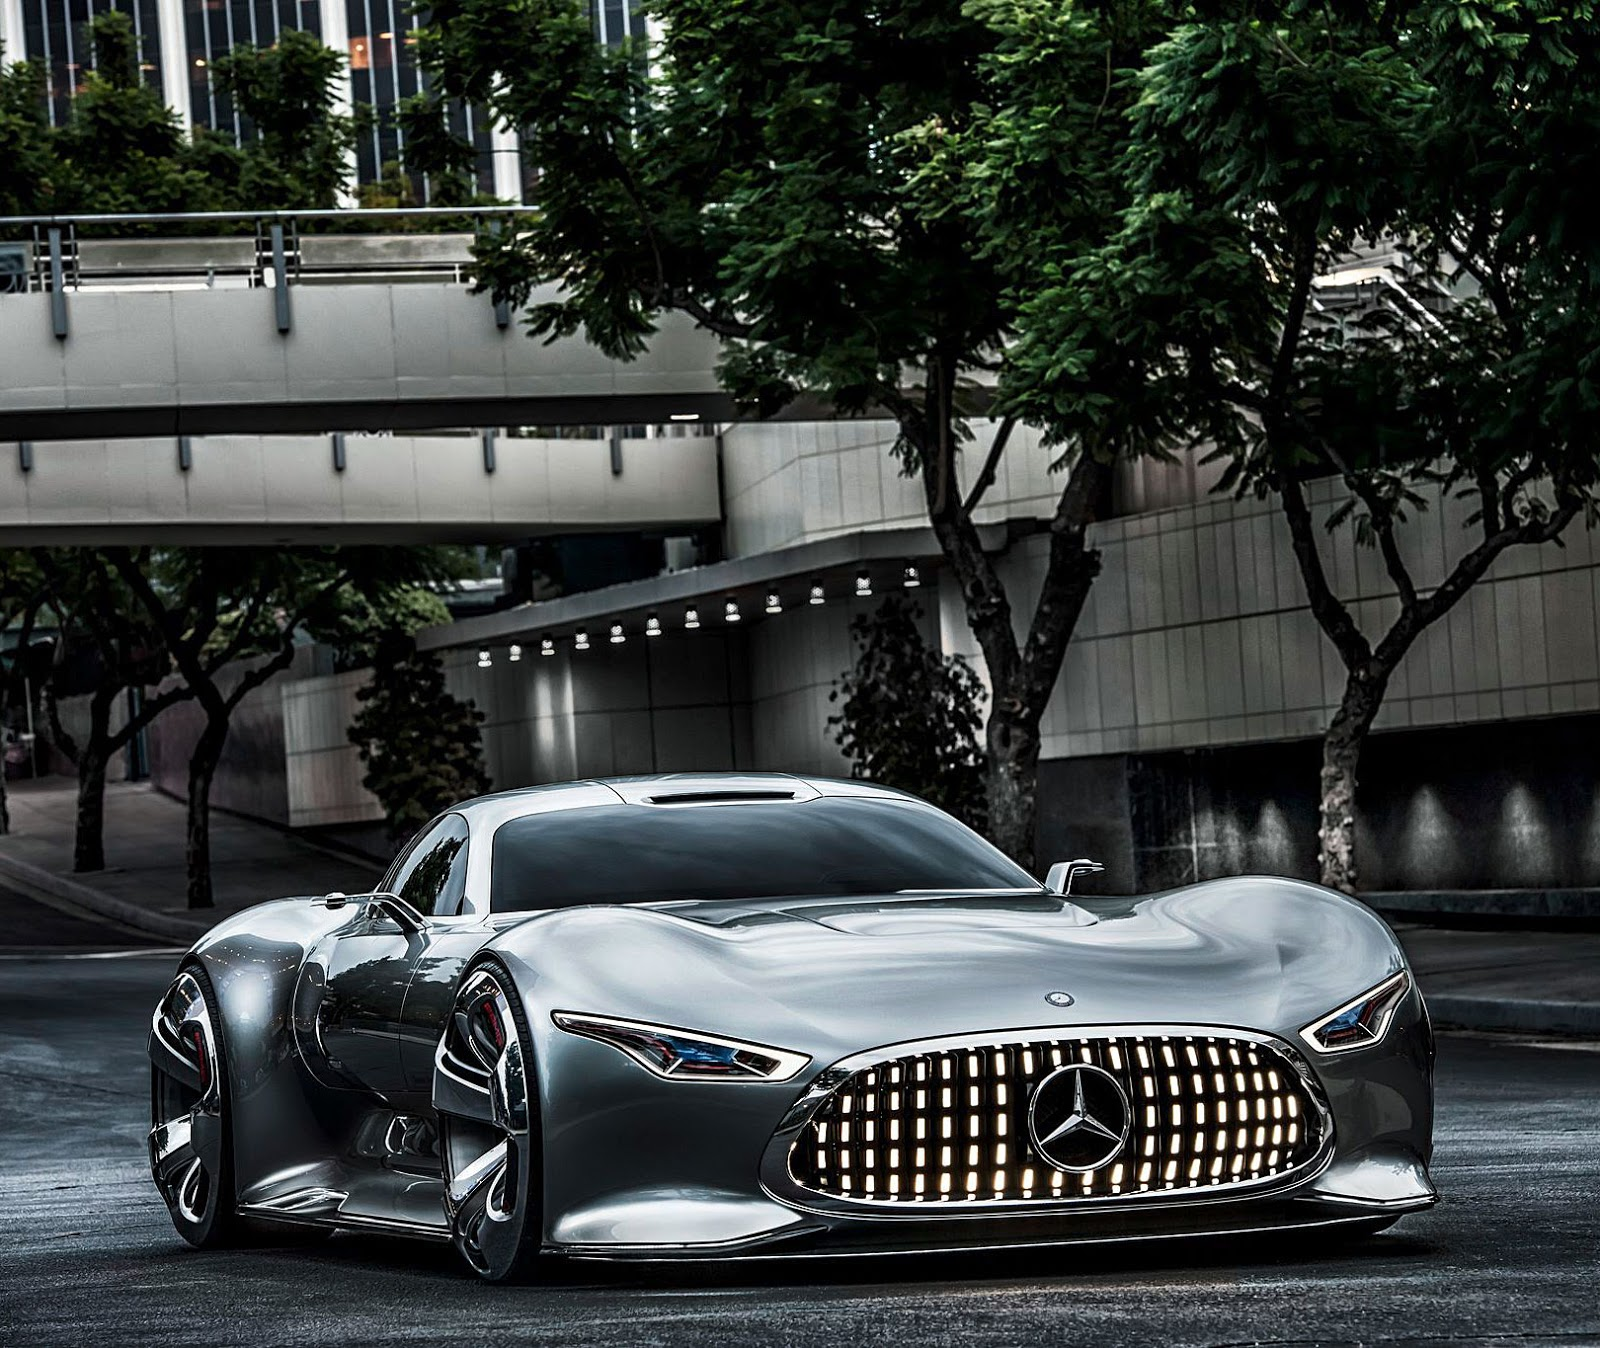 Jake 39 s car world mercedes benz amg vision concept for Mercedes benz vision